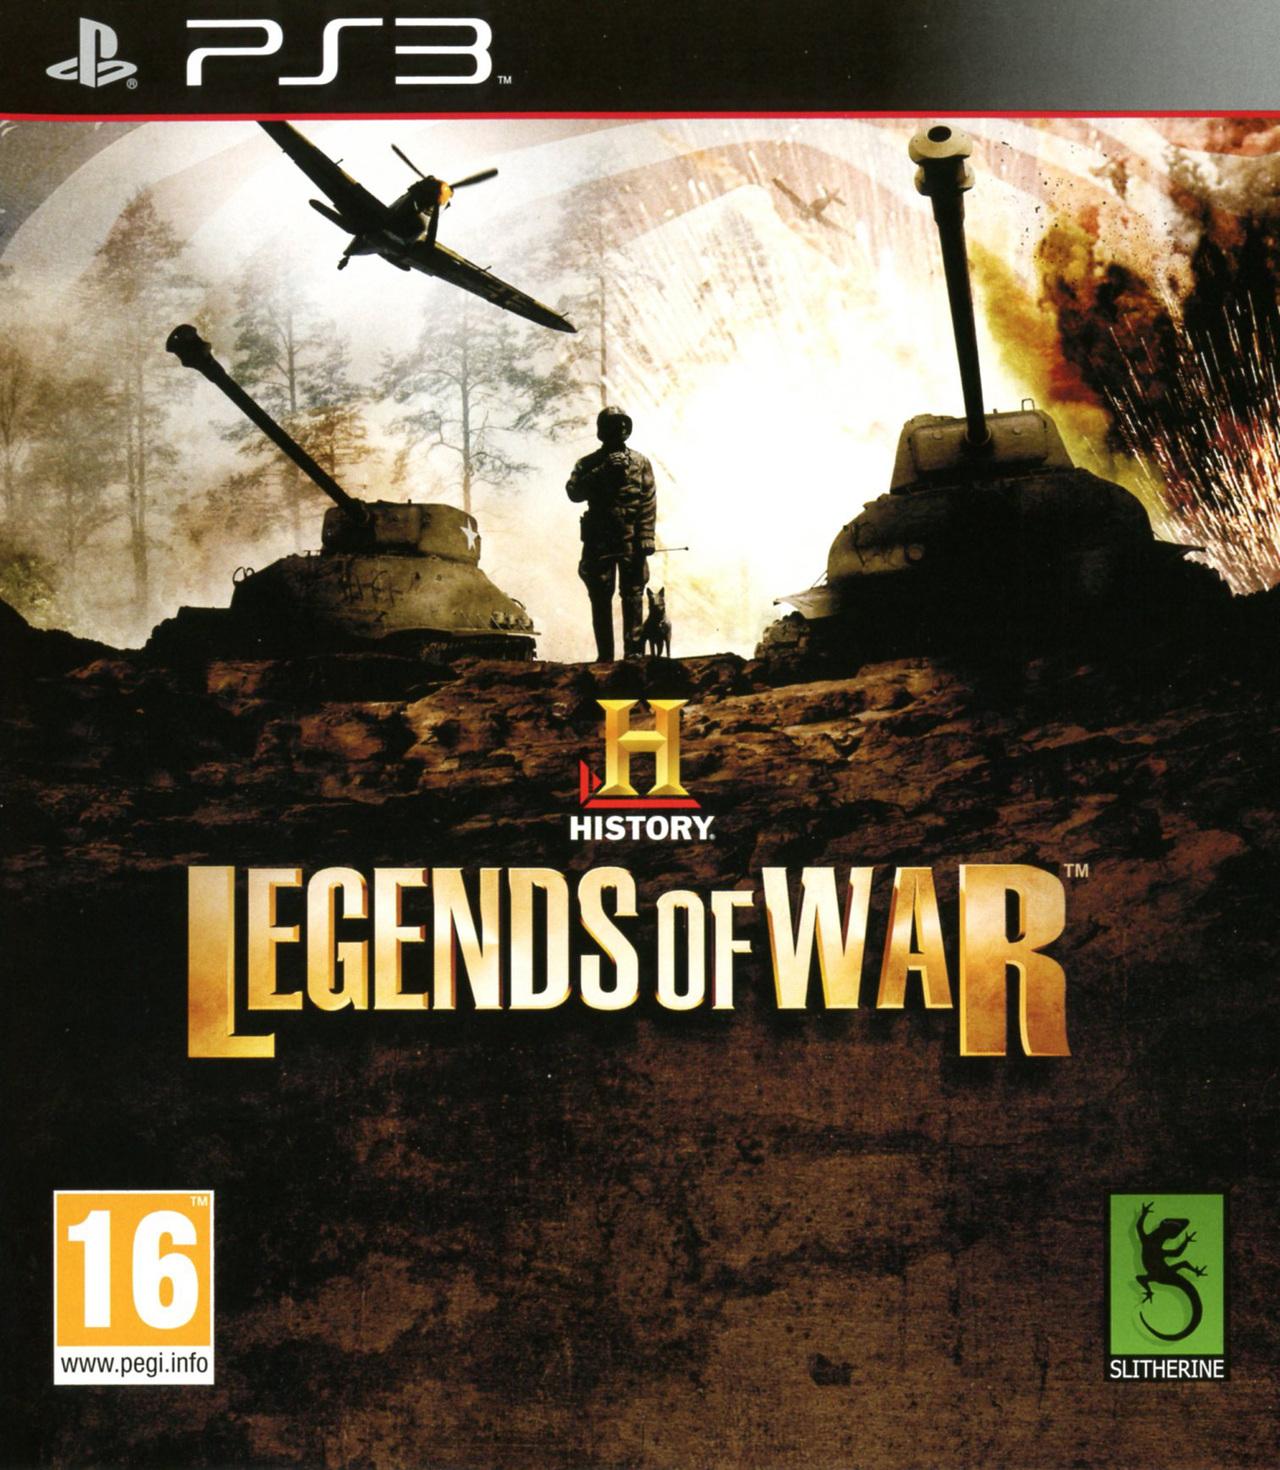 legends of war sur playstation 3. Black Bedroom Furniture Sets. Home Design Ideas